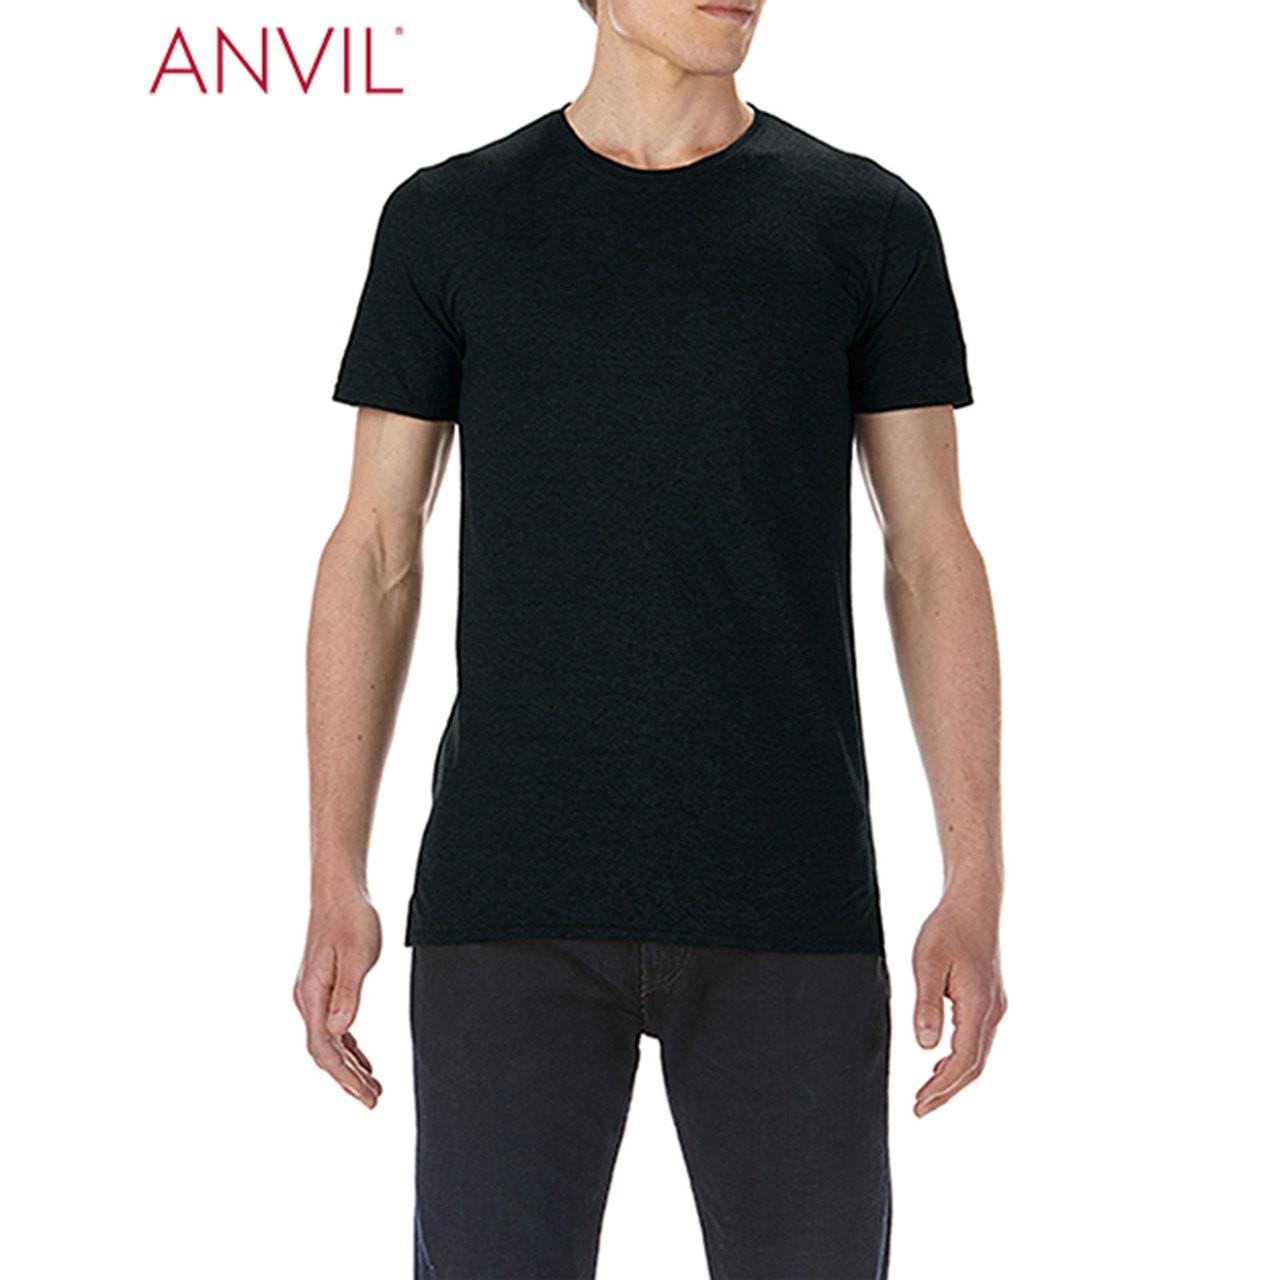 Black t shirt plain - More Items